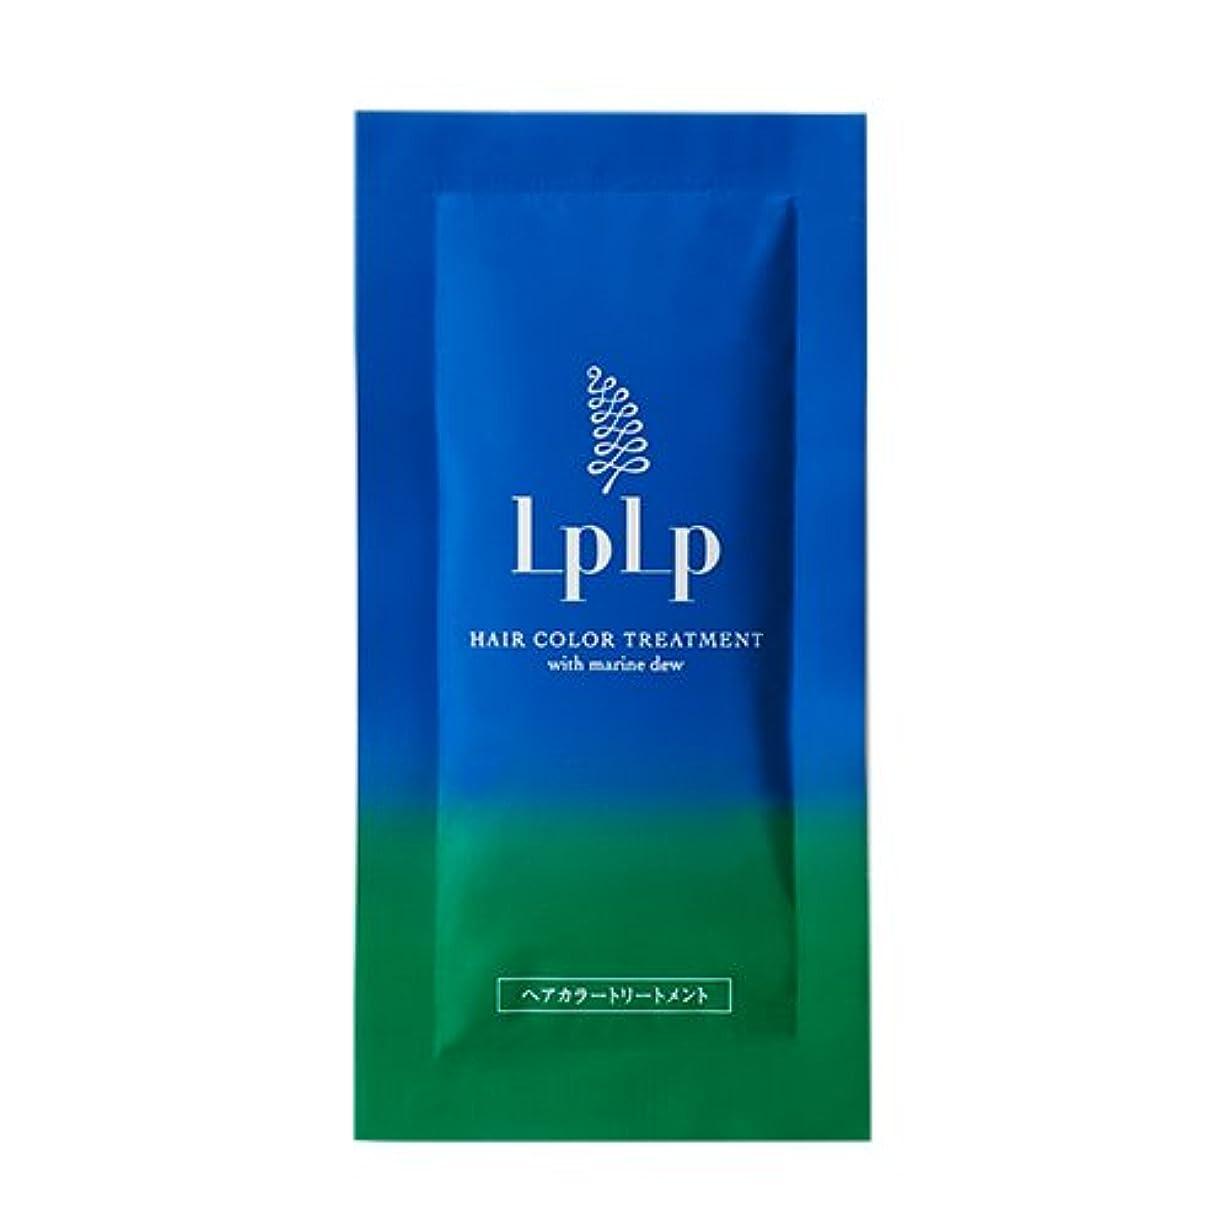 溶けた遮る宿LPLP(ルプルプ)ヘアカラートリートメントお試しパウチ モカブラウン